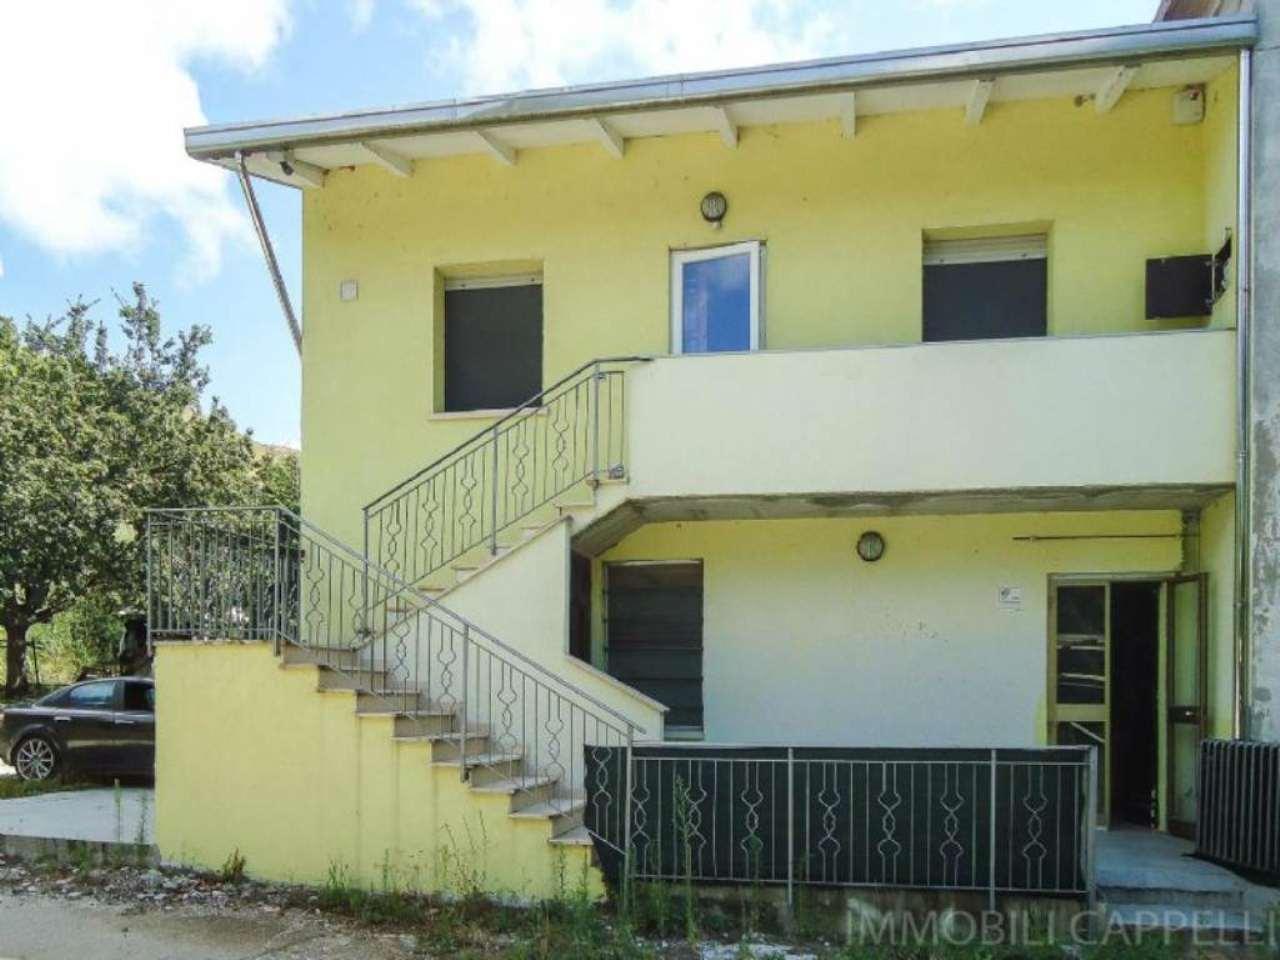 Soluzione Semindipendente in vendita a Cesena, 4 locali, prezzo € 250.000 | CambioCasa.it